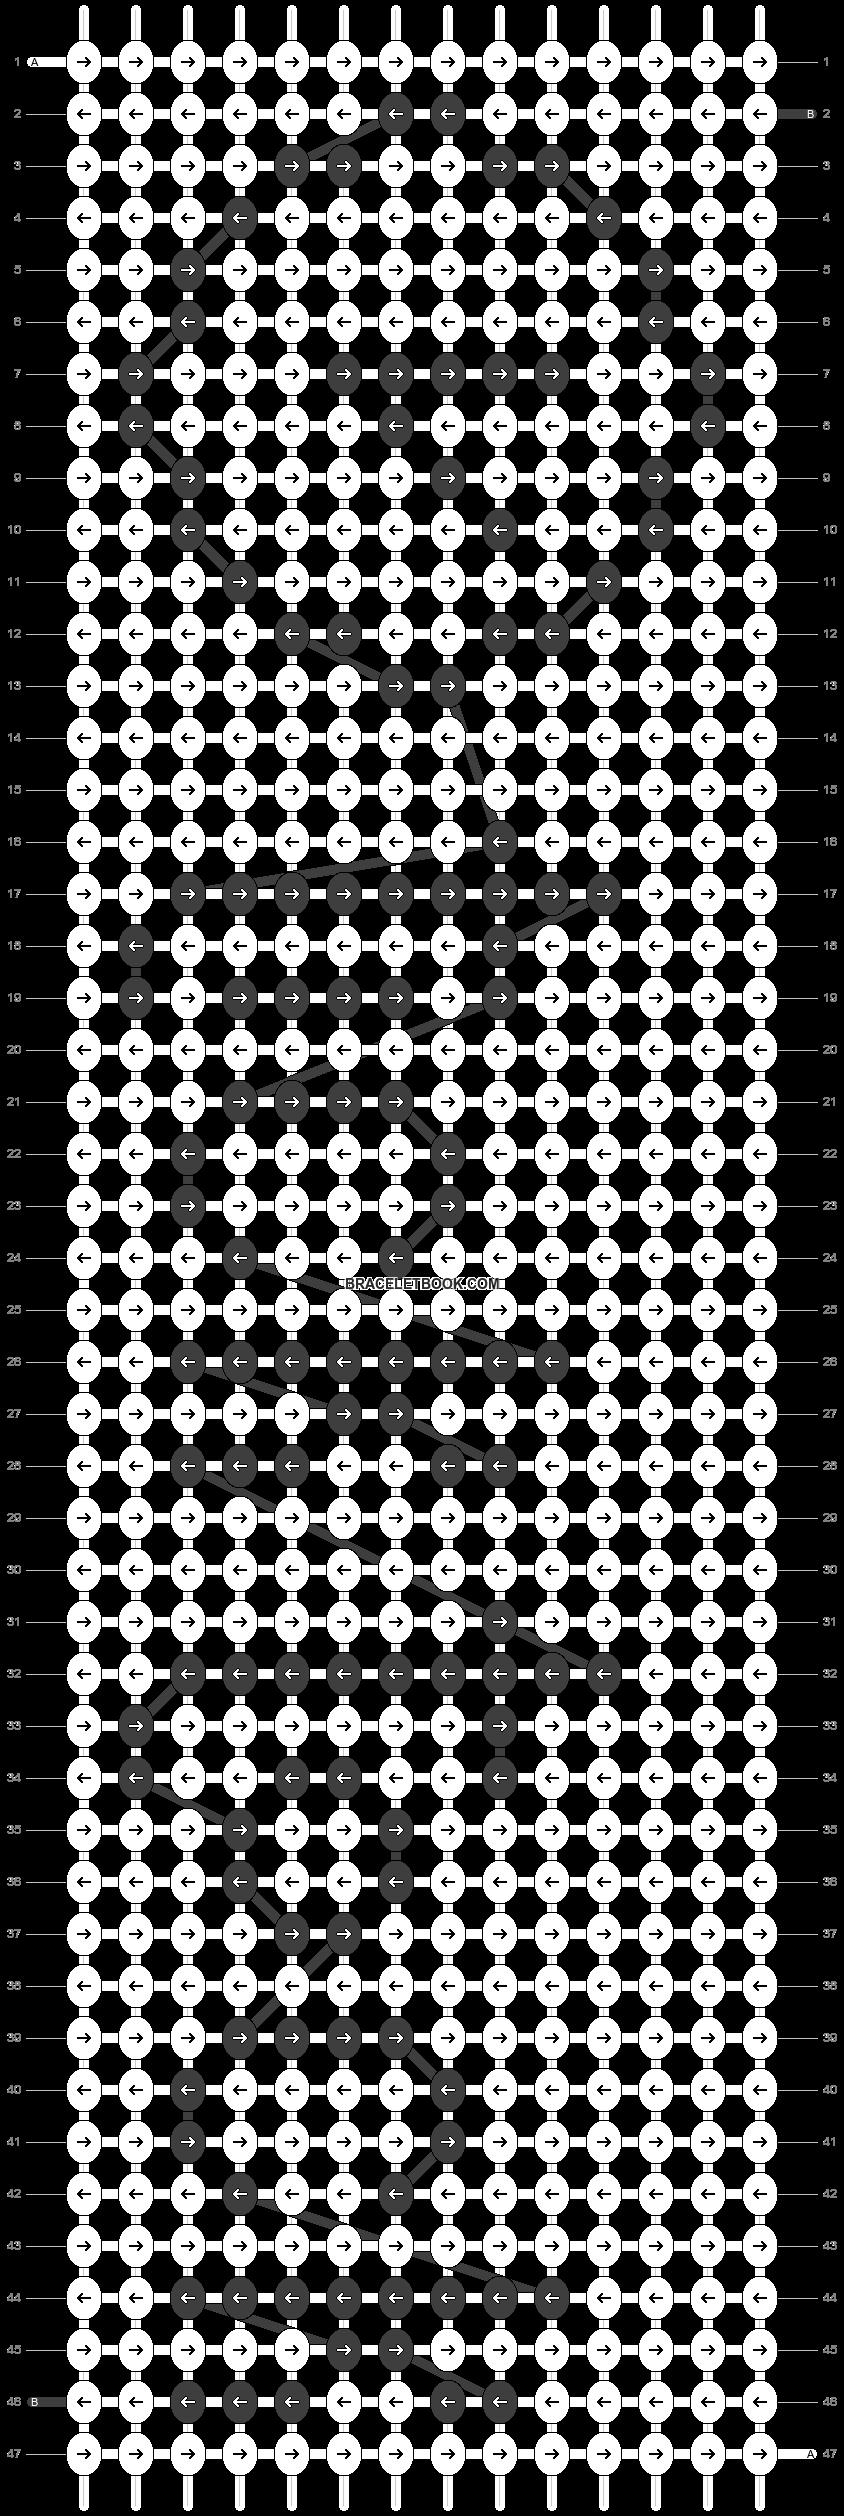 Alpha Pattern #18360 added by TFK19